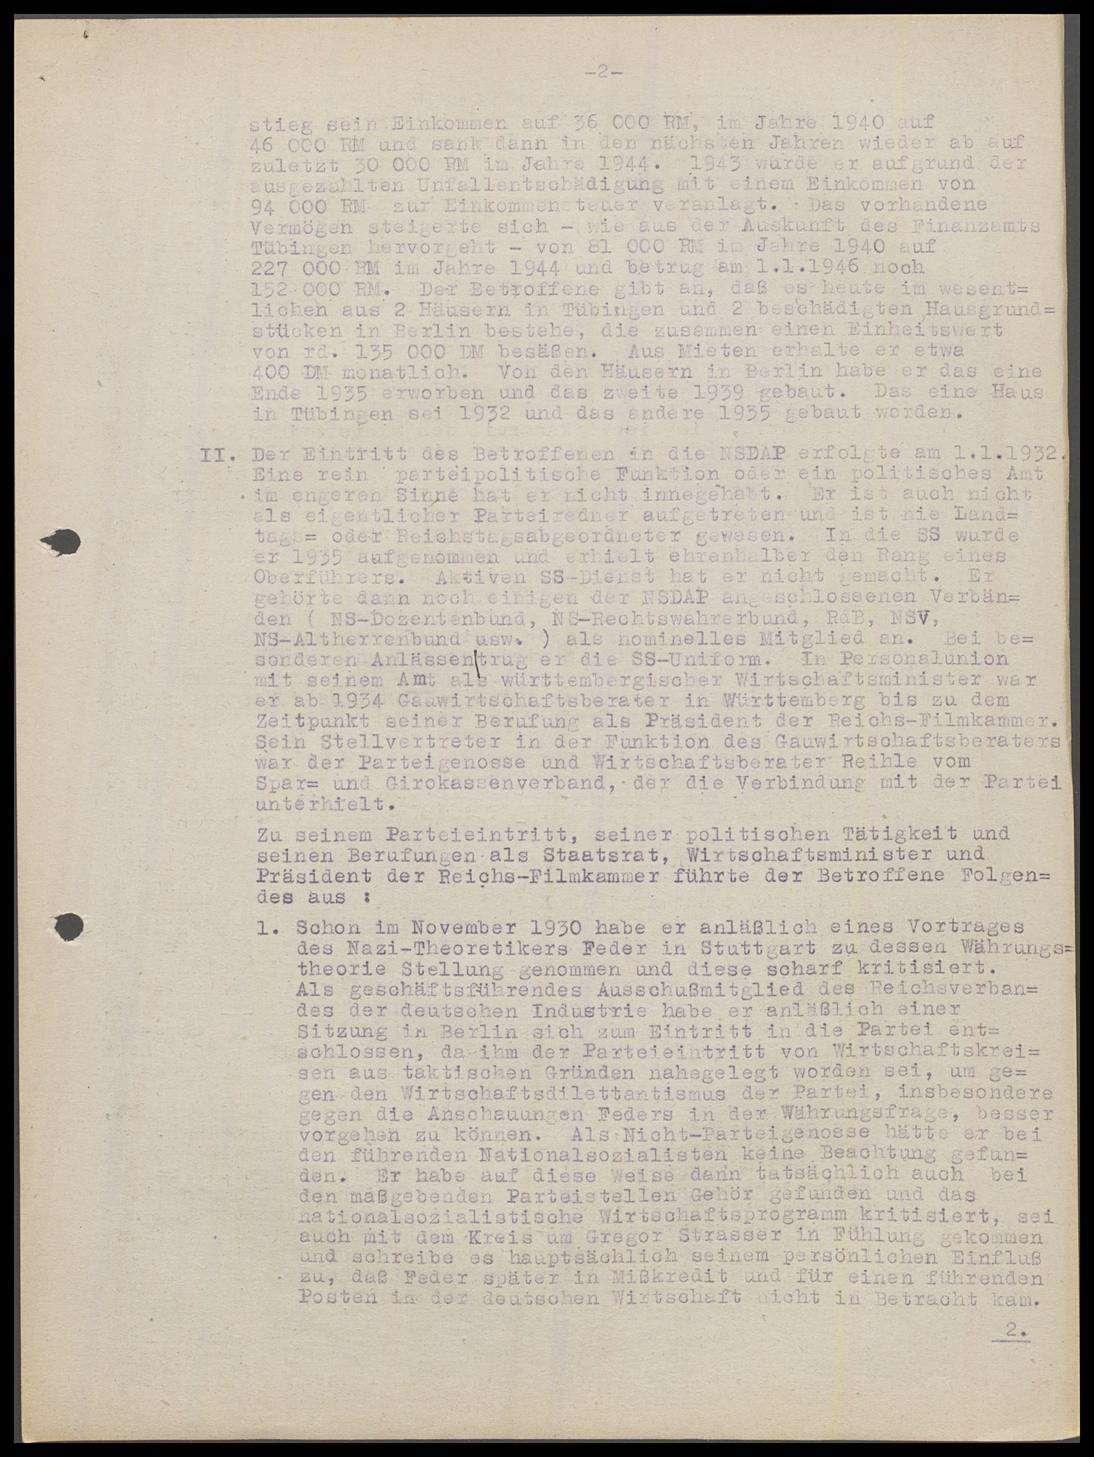 Lehnich, Oswald, Prof. Dr., Bild 3